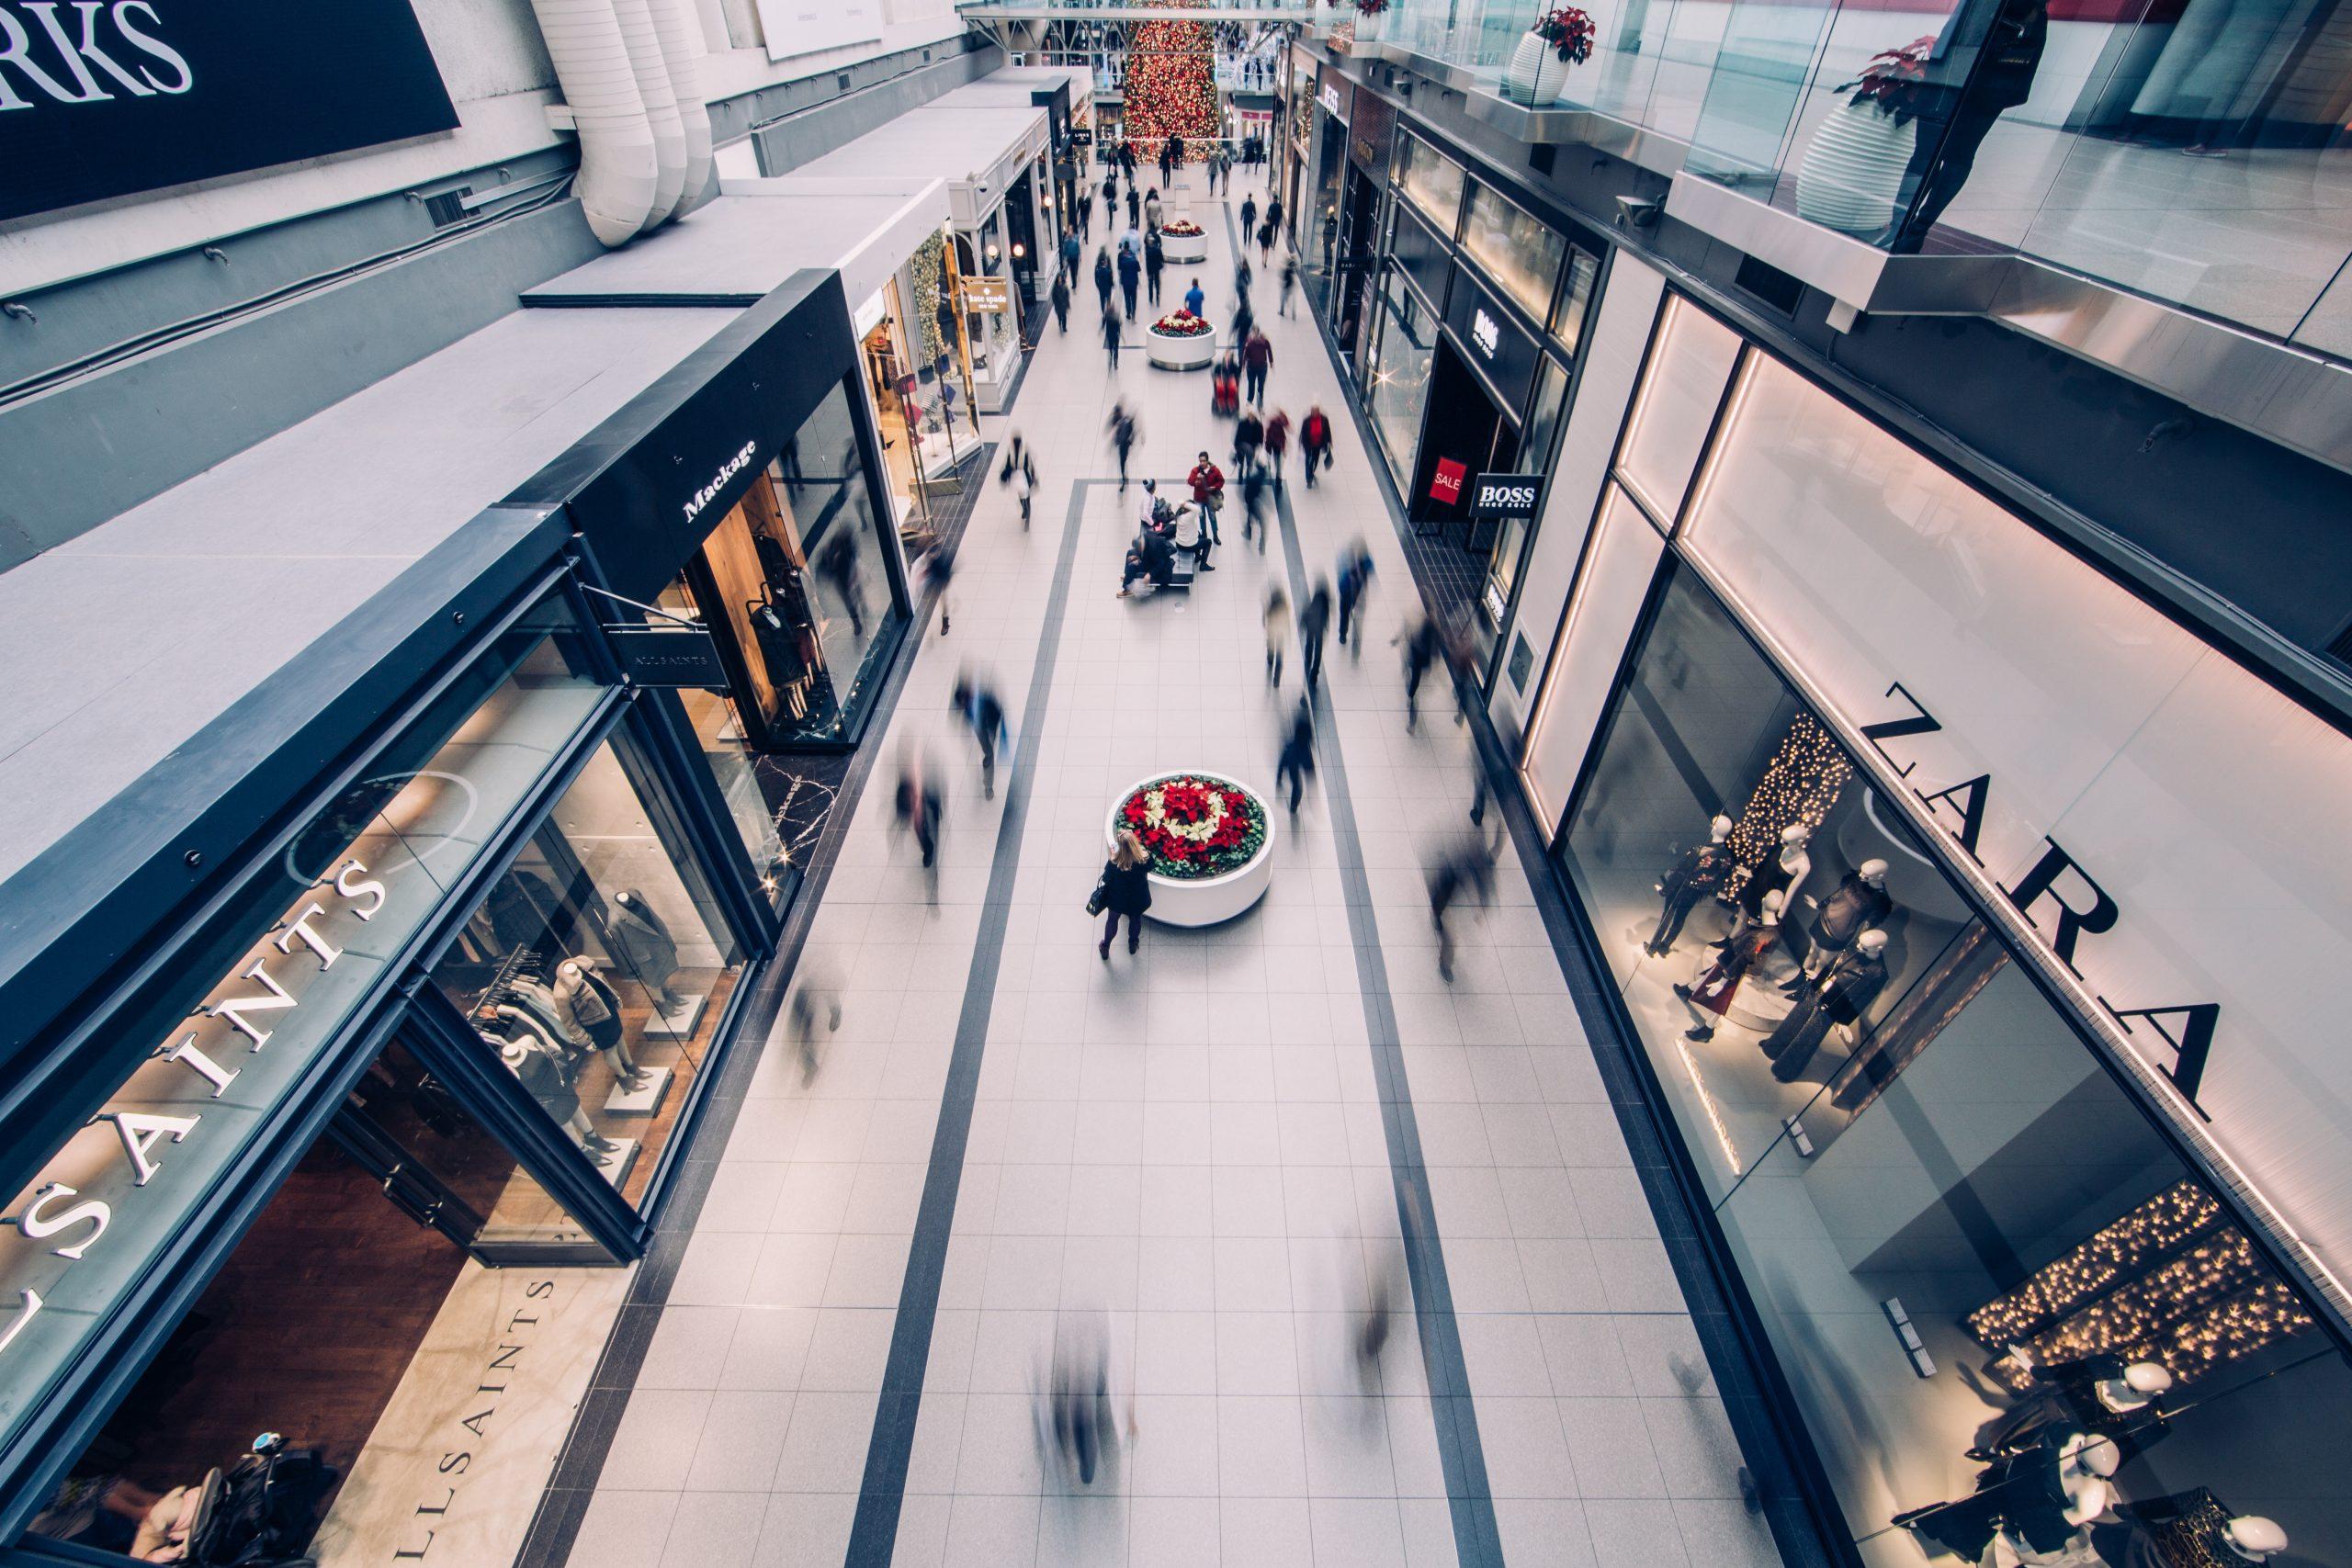 magasins franchisés dans un centre commercial